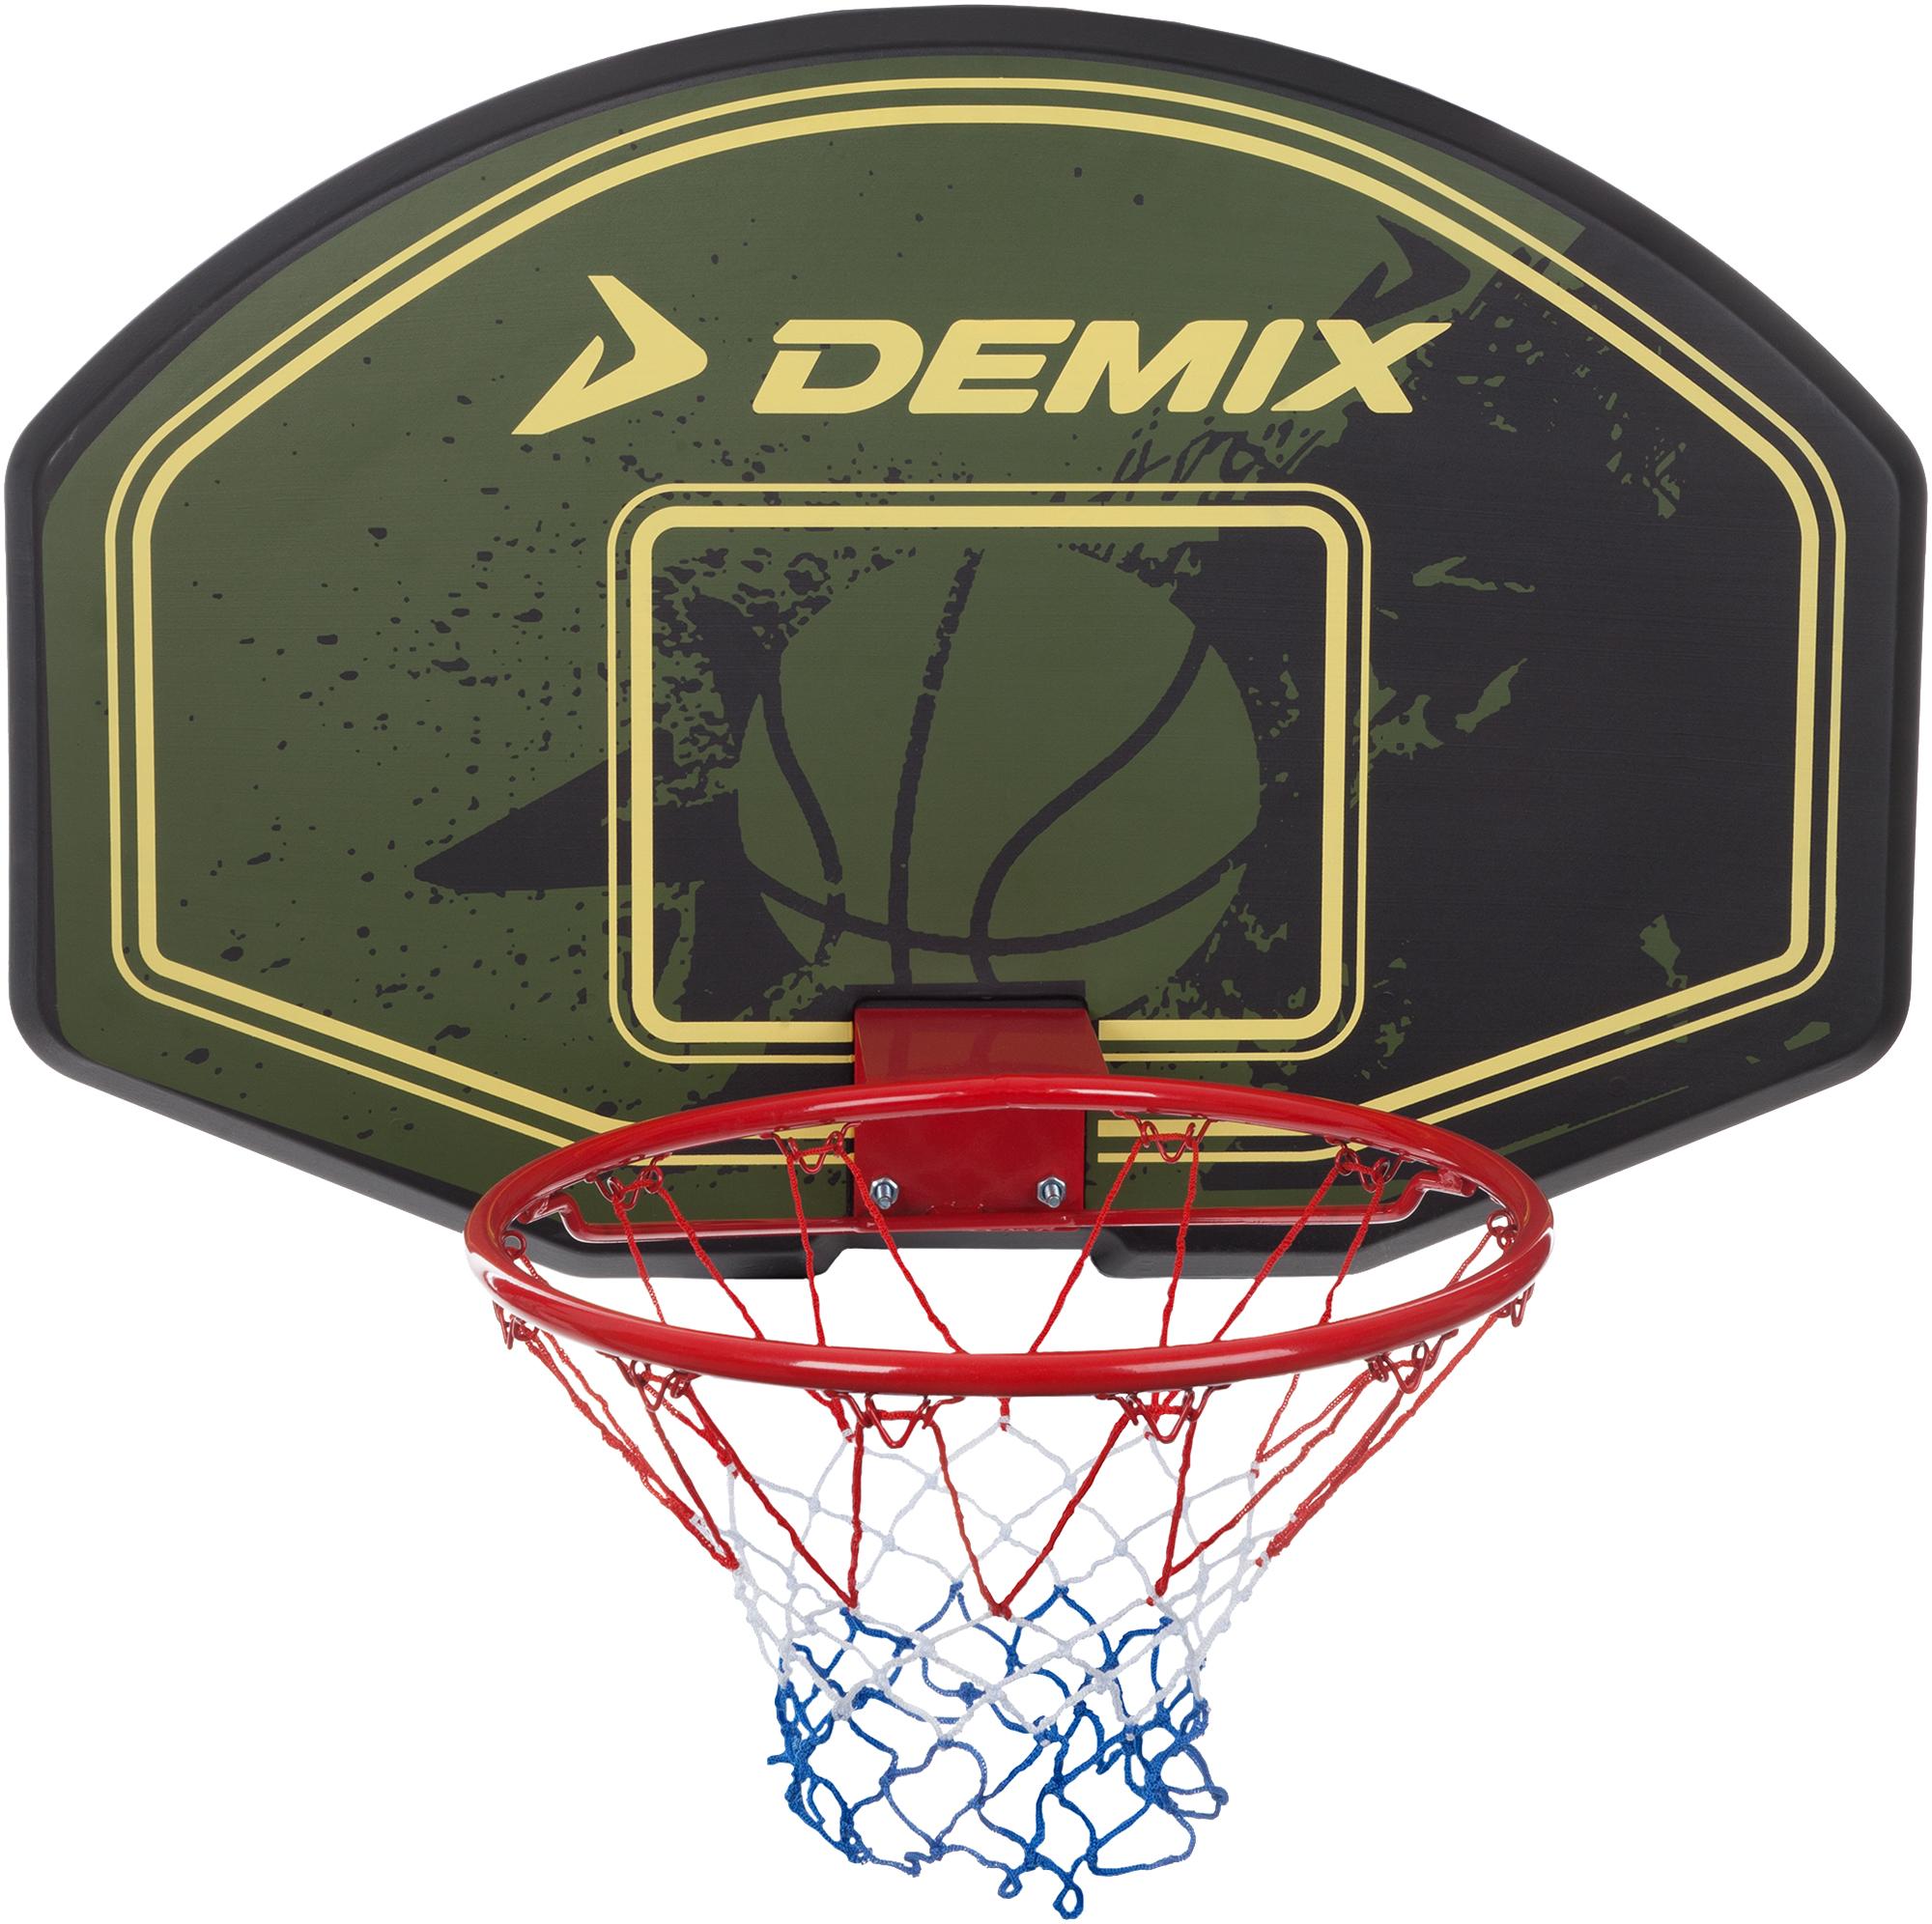 Demix Щит баскетбольный Demix баскетбольный набор база стойка кольцо сетка mookie